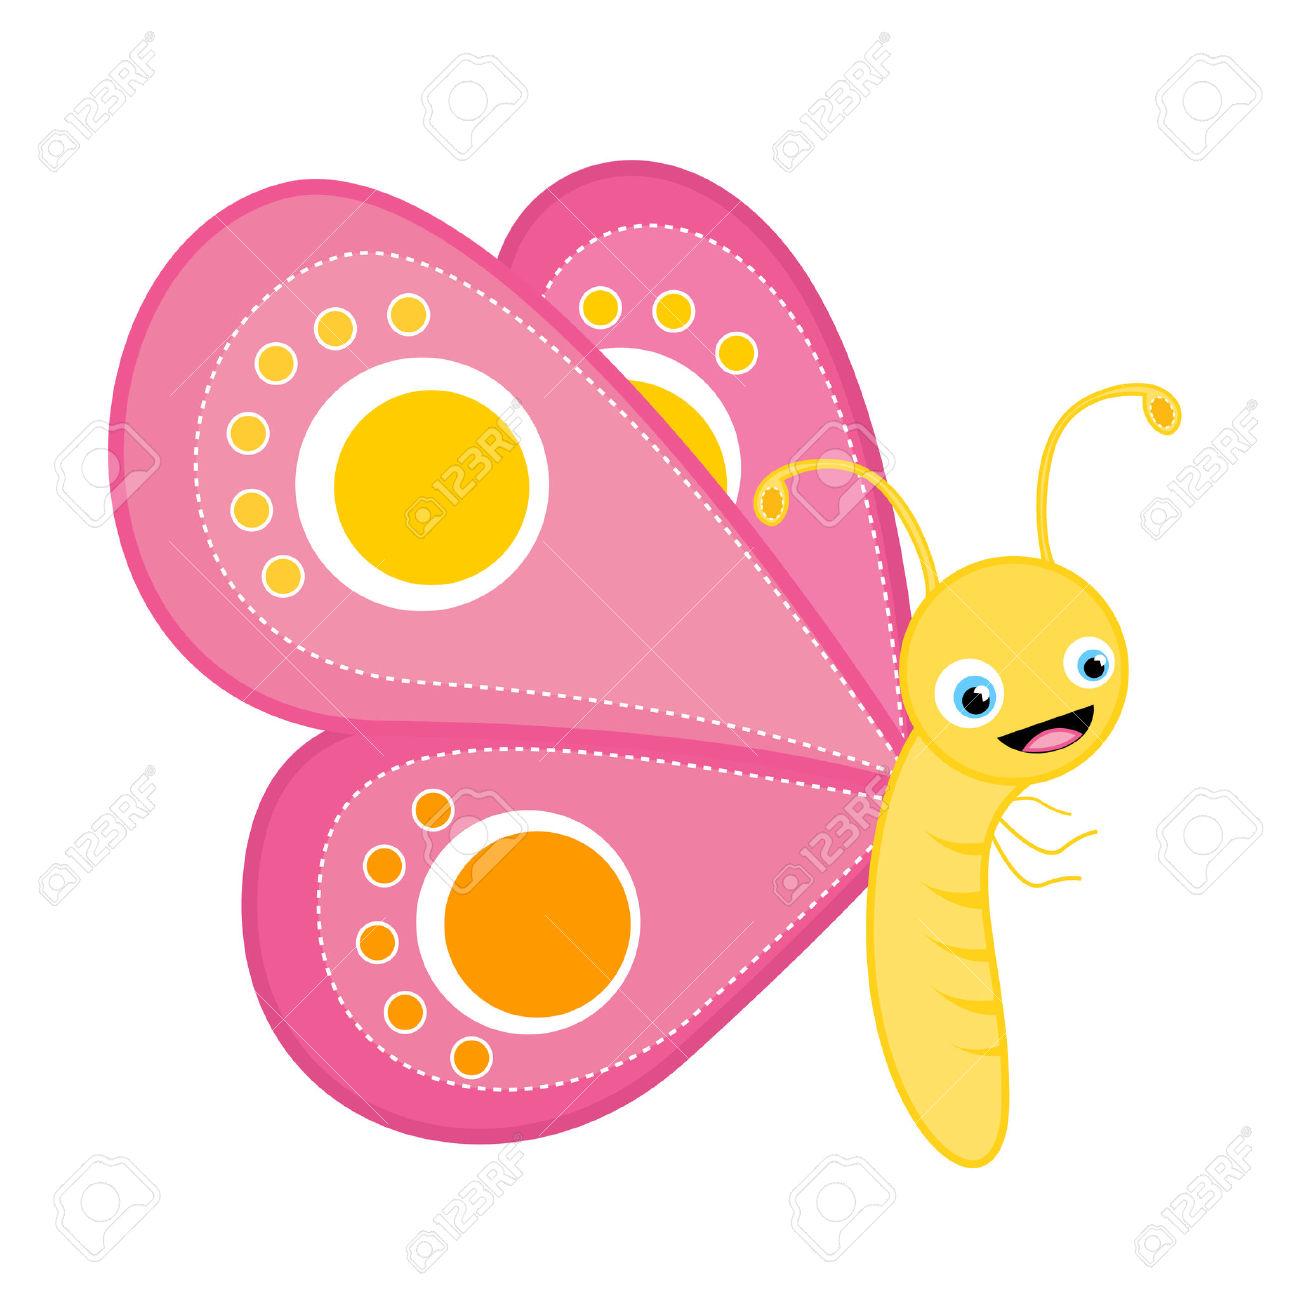 Cute Schmetterling Clip Art Isoliert Auf Weißem Hintergrund.